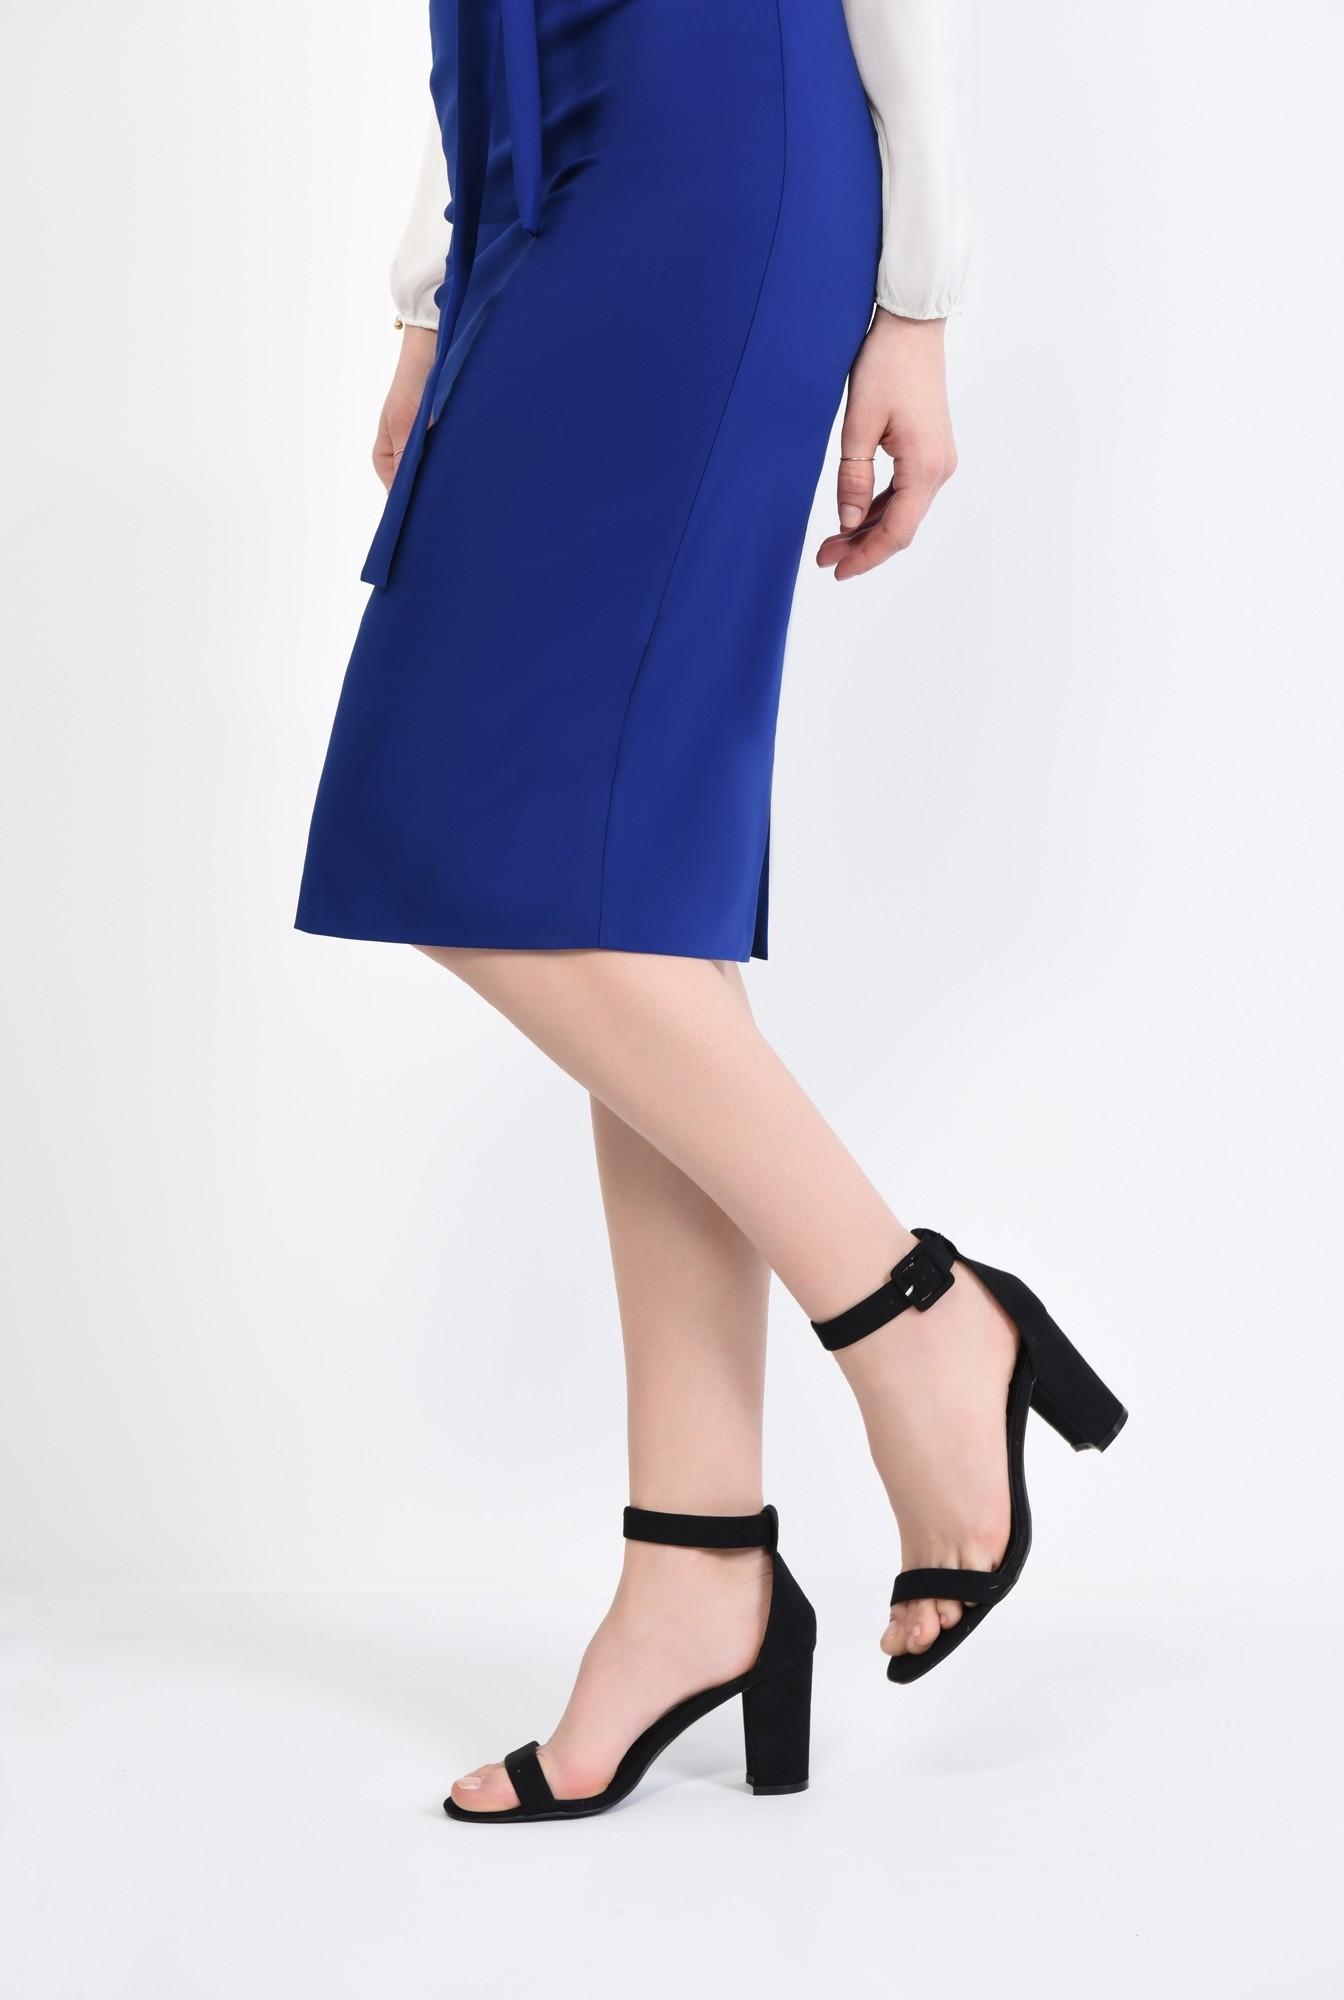 1 - sandale dama, piele ecologica